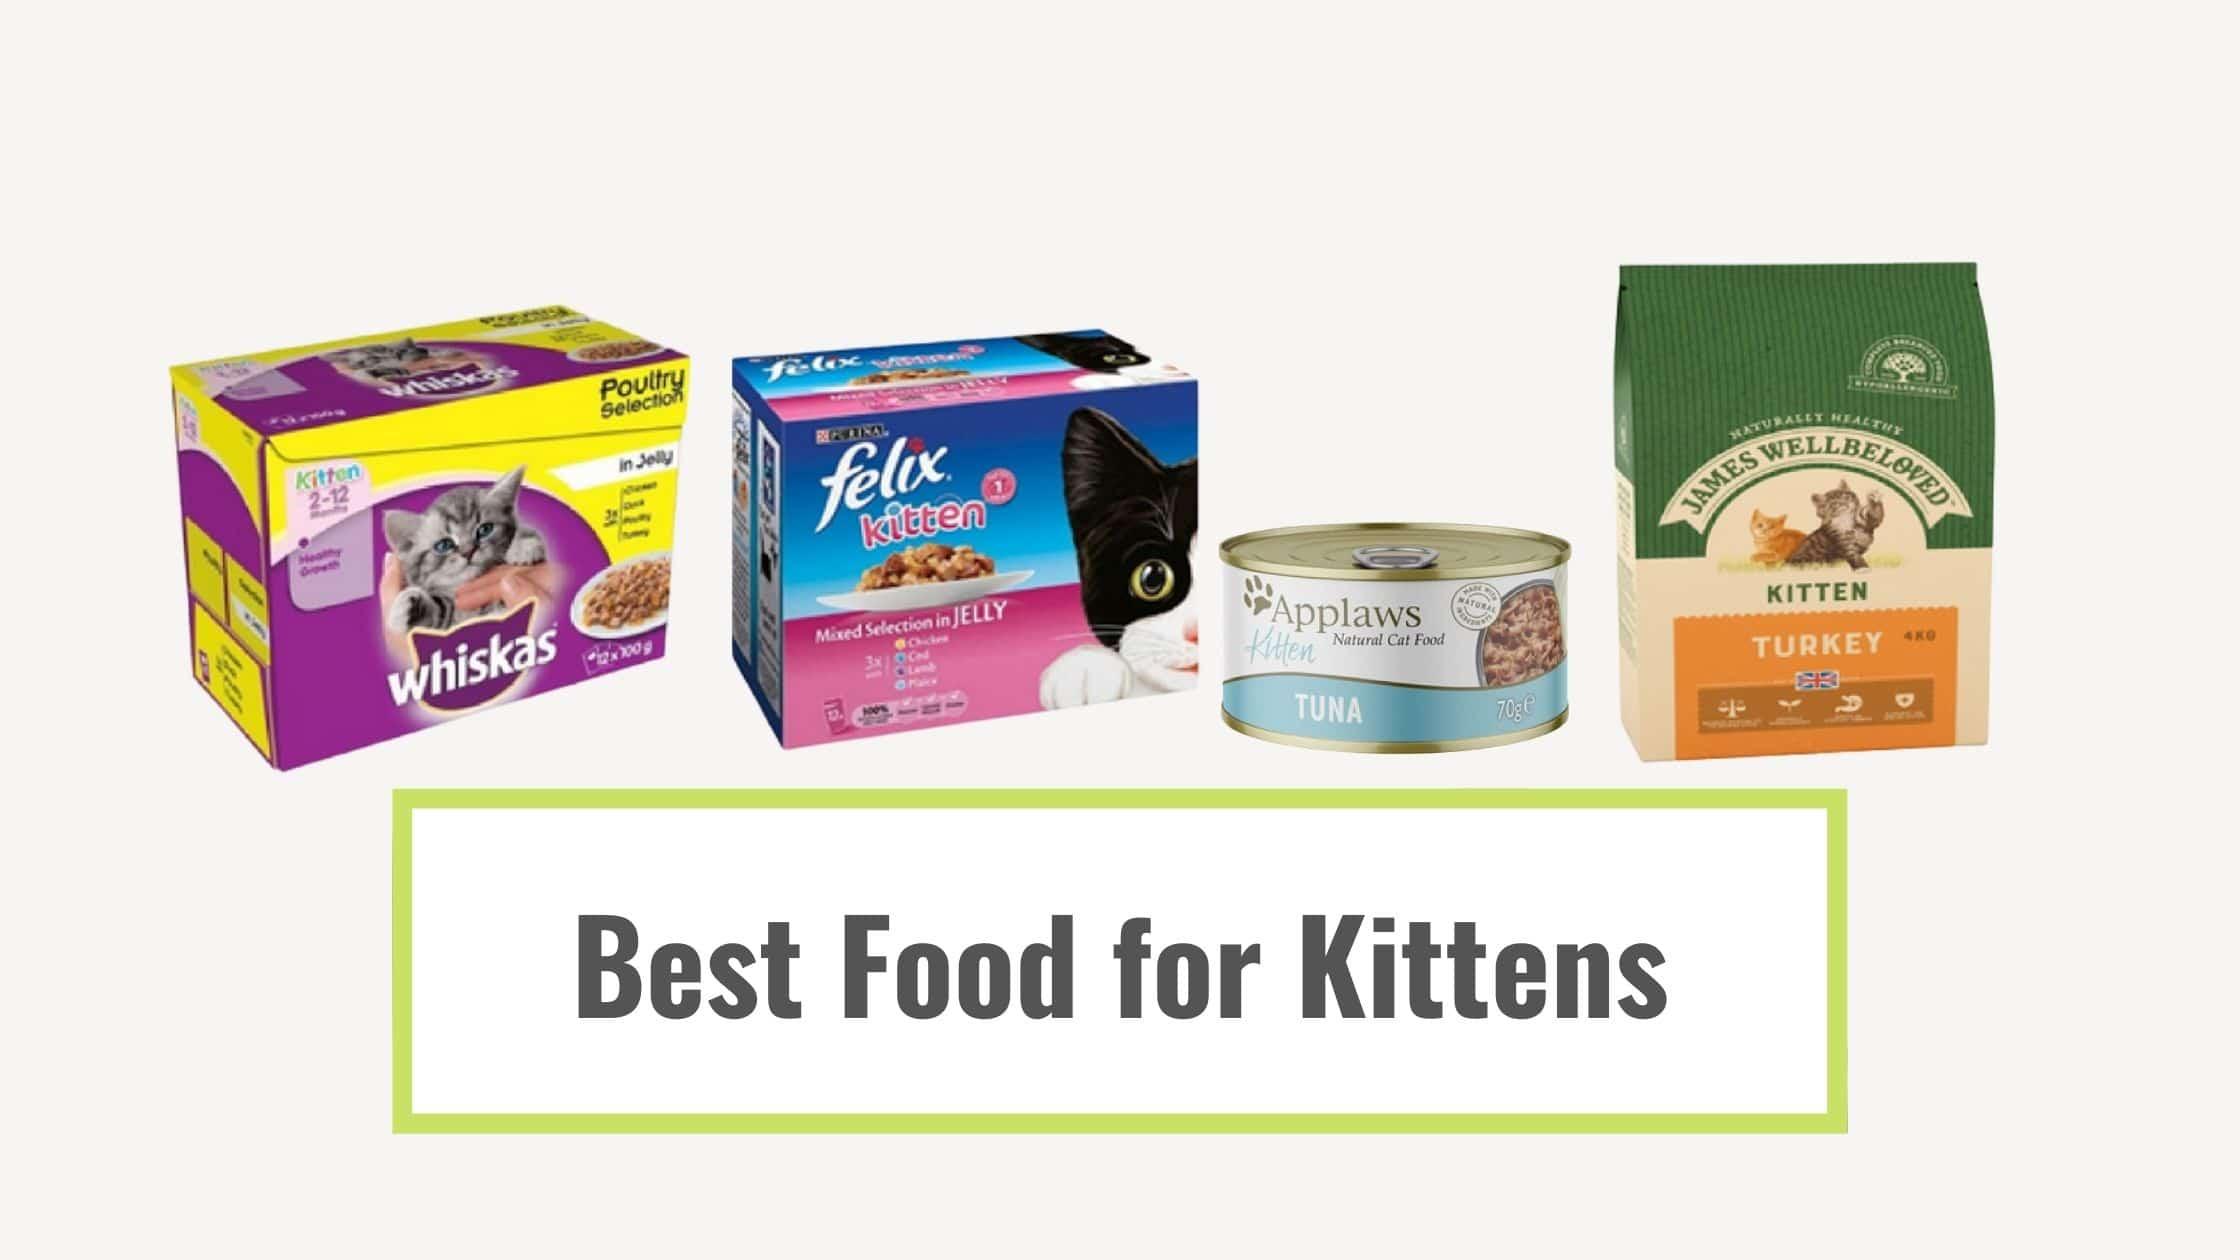 Best Food for Kittens